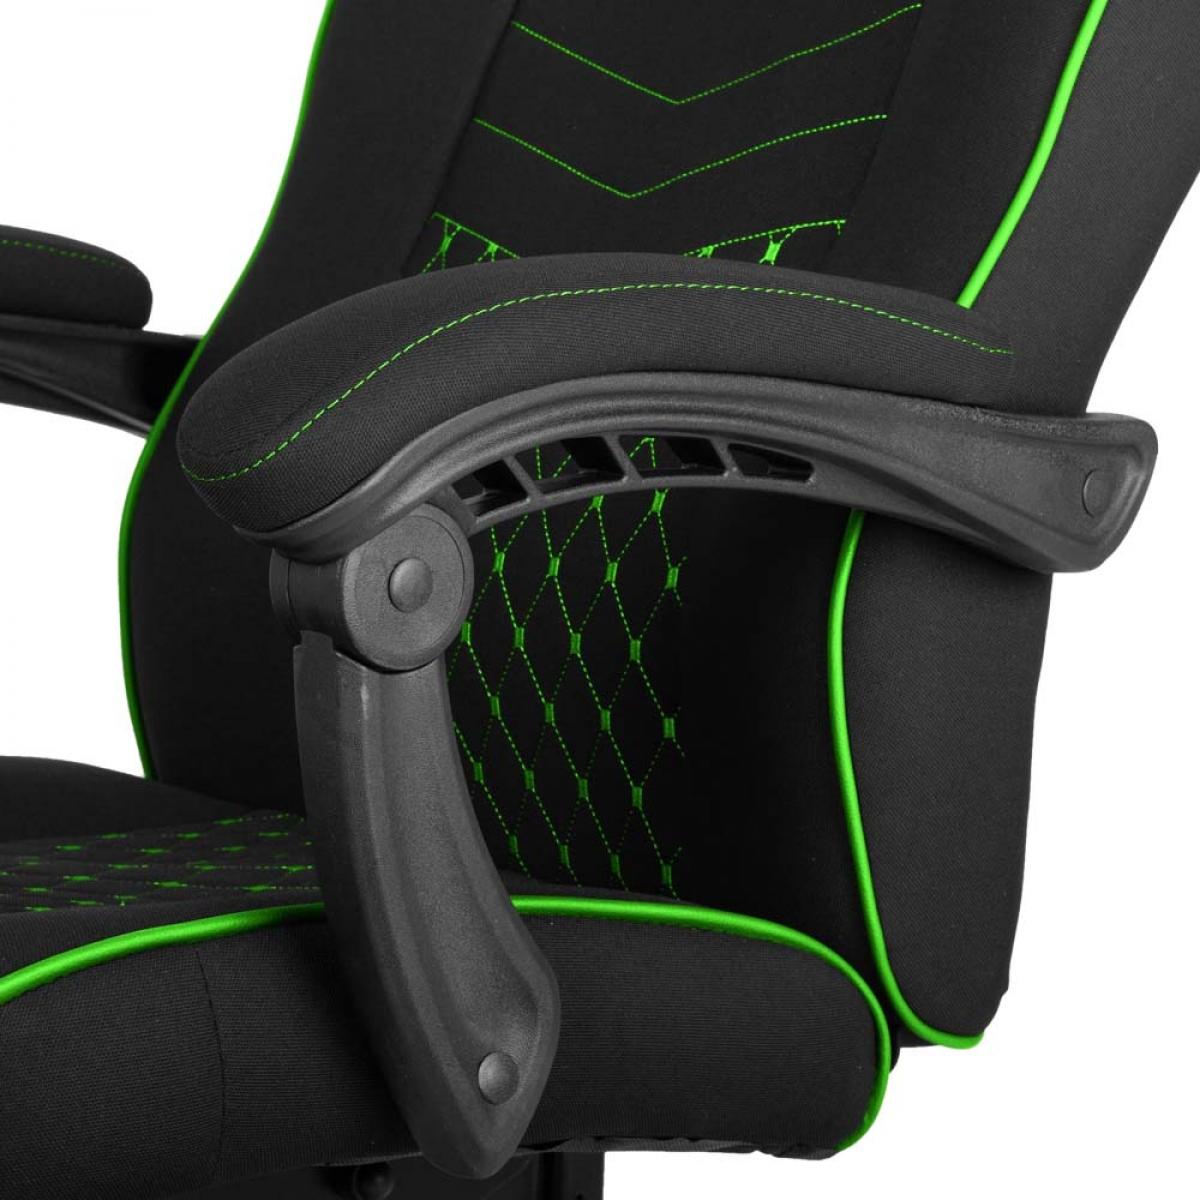 Cadeira Gamer DT3sports GTZ, Green